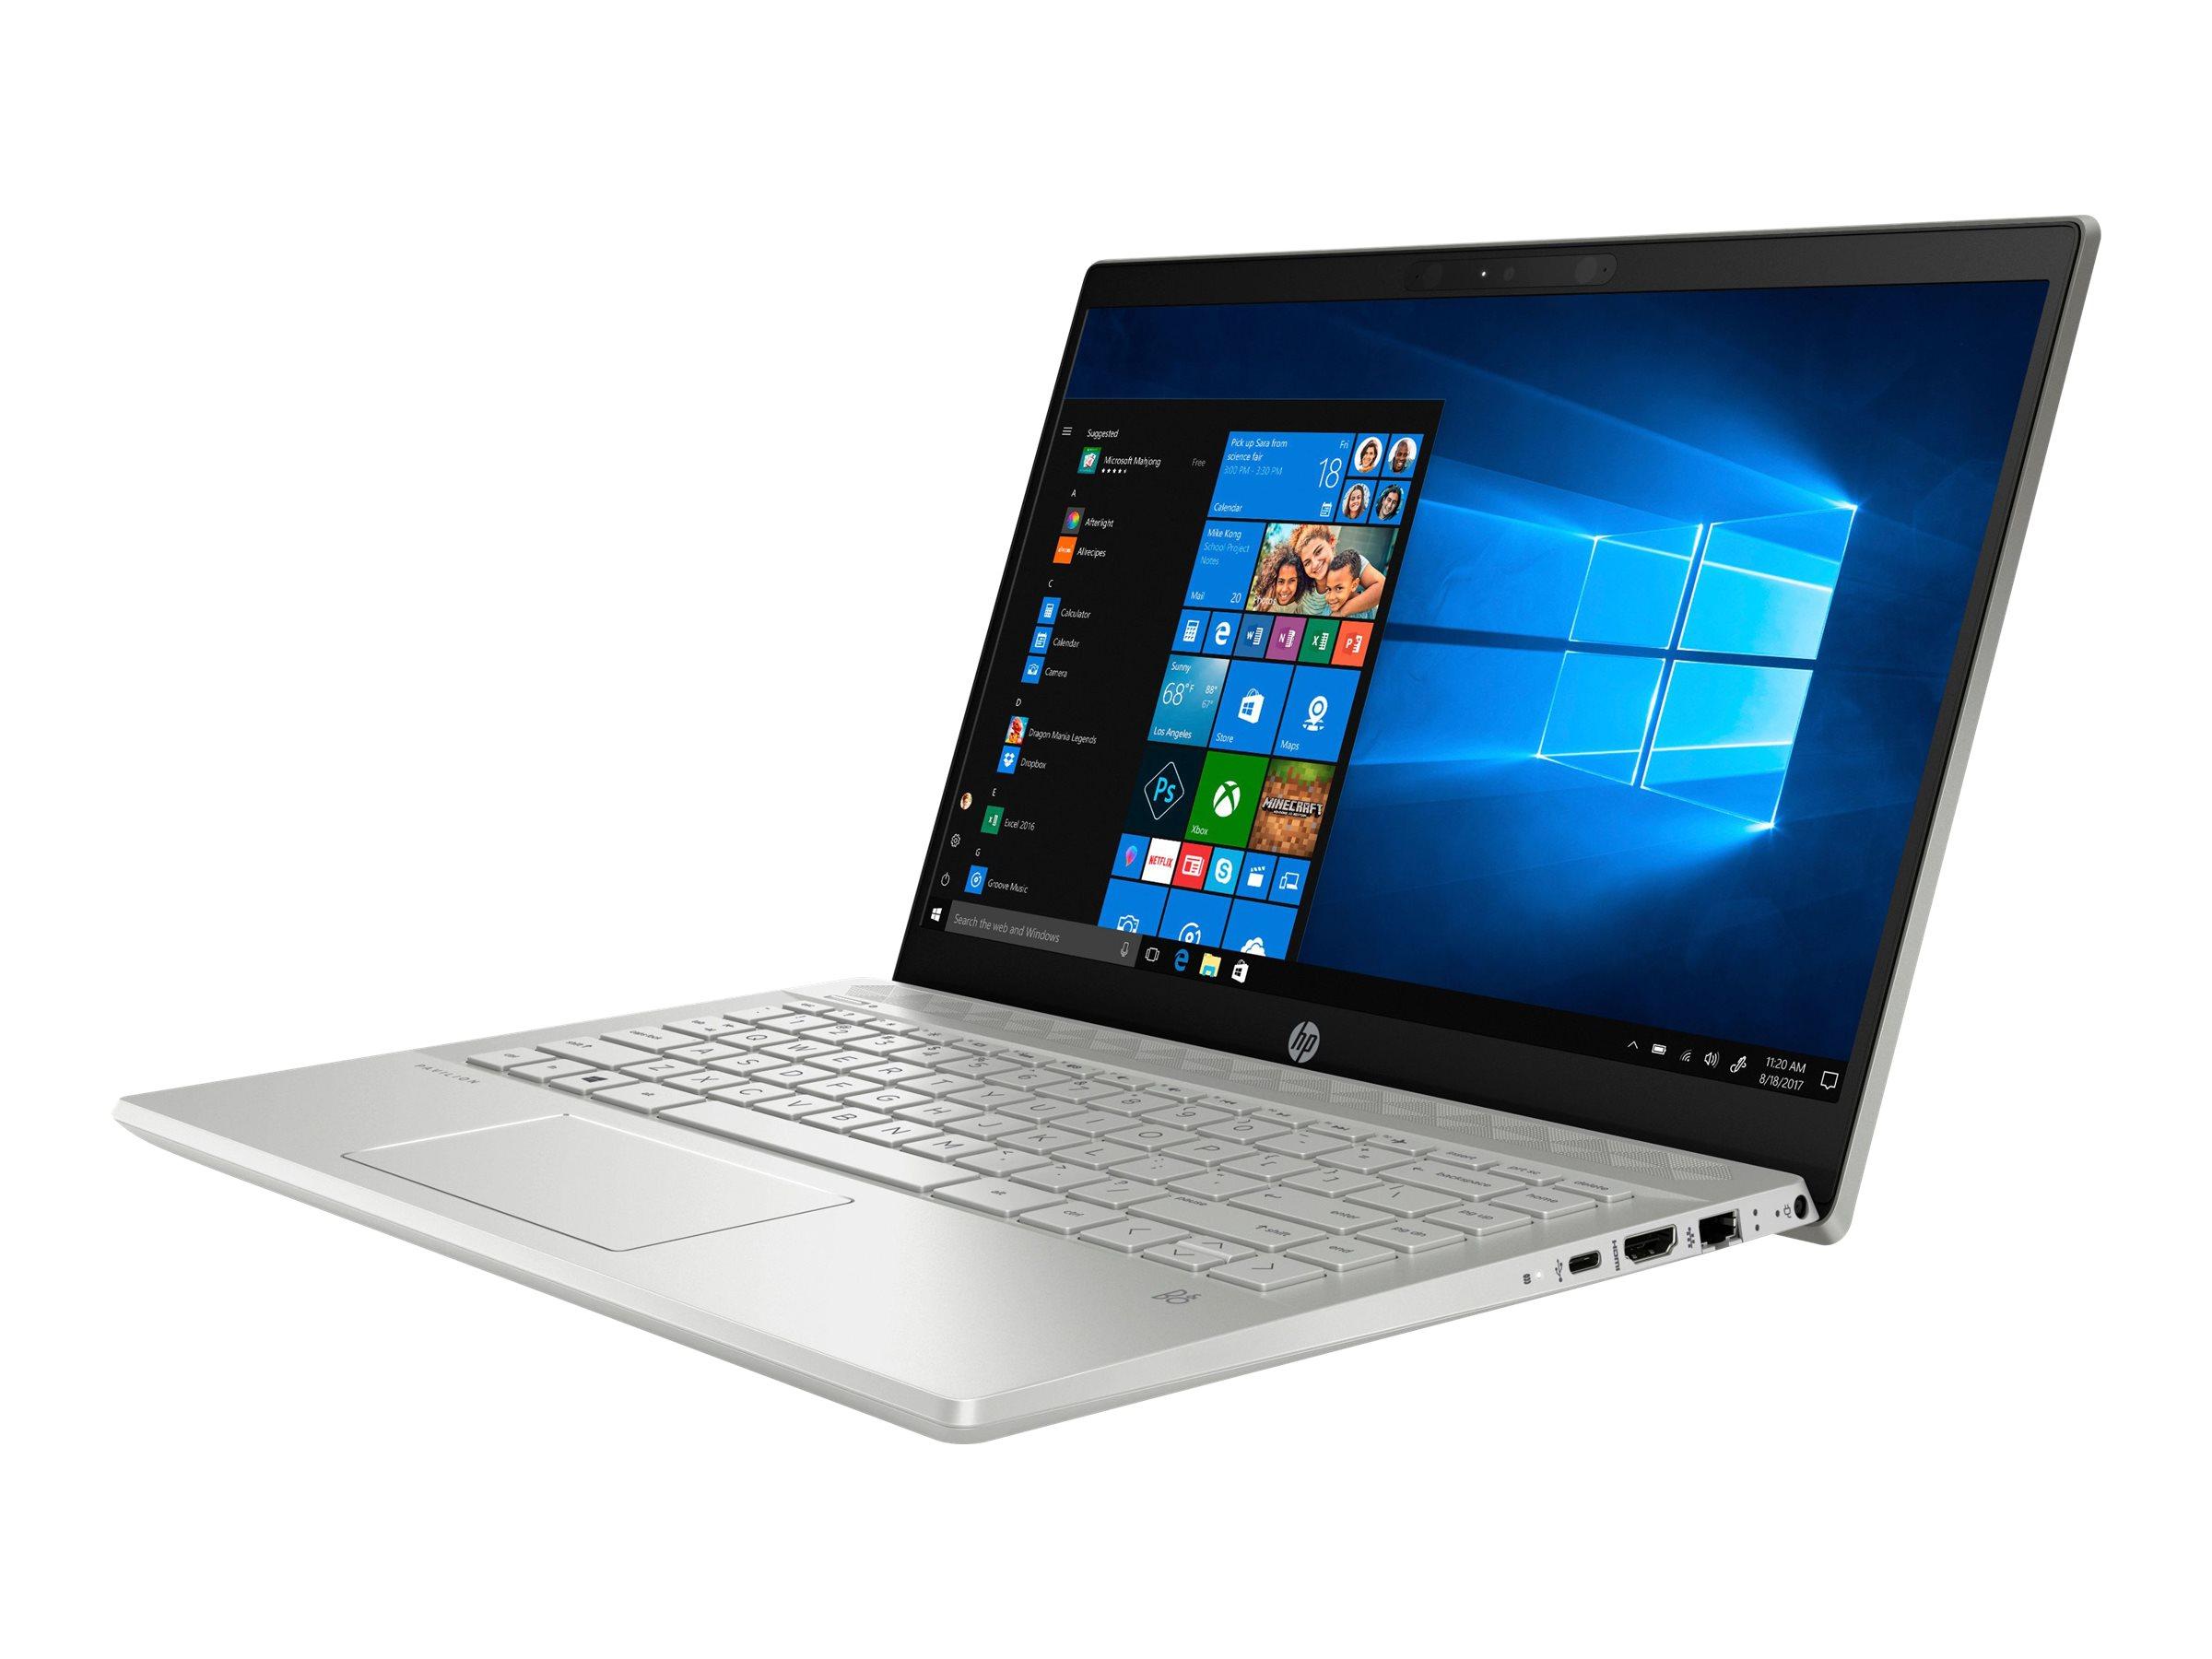 HP Pavilion 14-ce0402ng Silber Notebook 35,6 cm (14 Zoll) 1920 x 1080 Pixel 2,2 GHz Intel? Core i3 der achten Generation